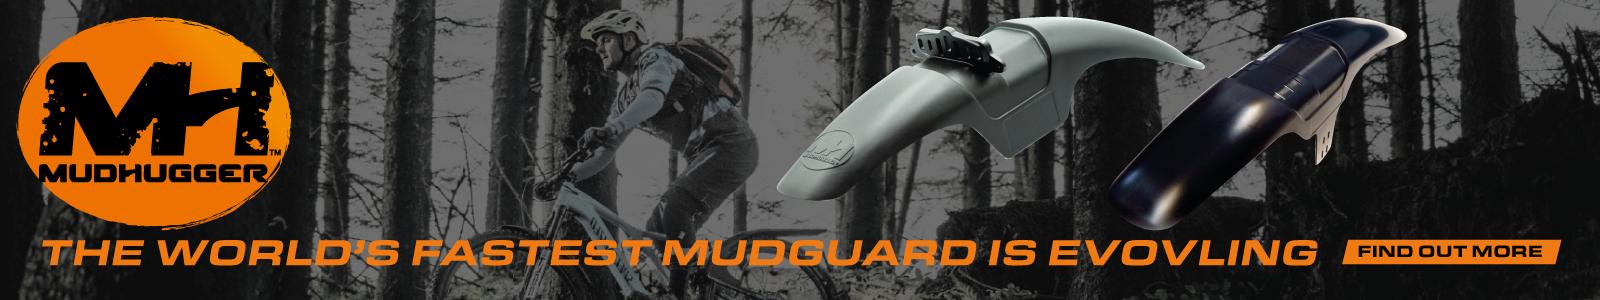 Mudhugger EVO Mudguard